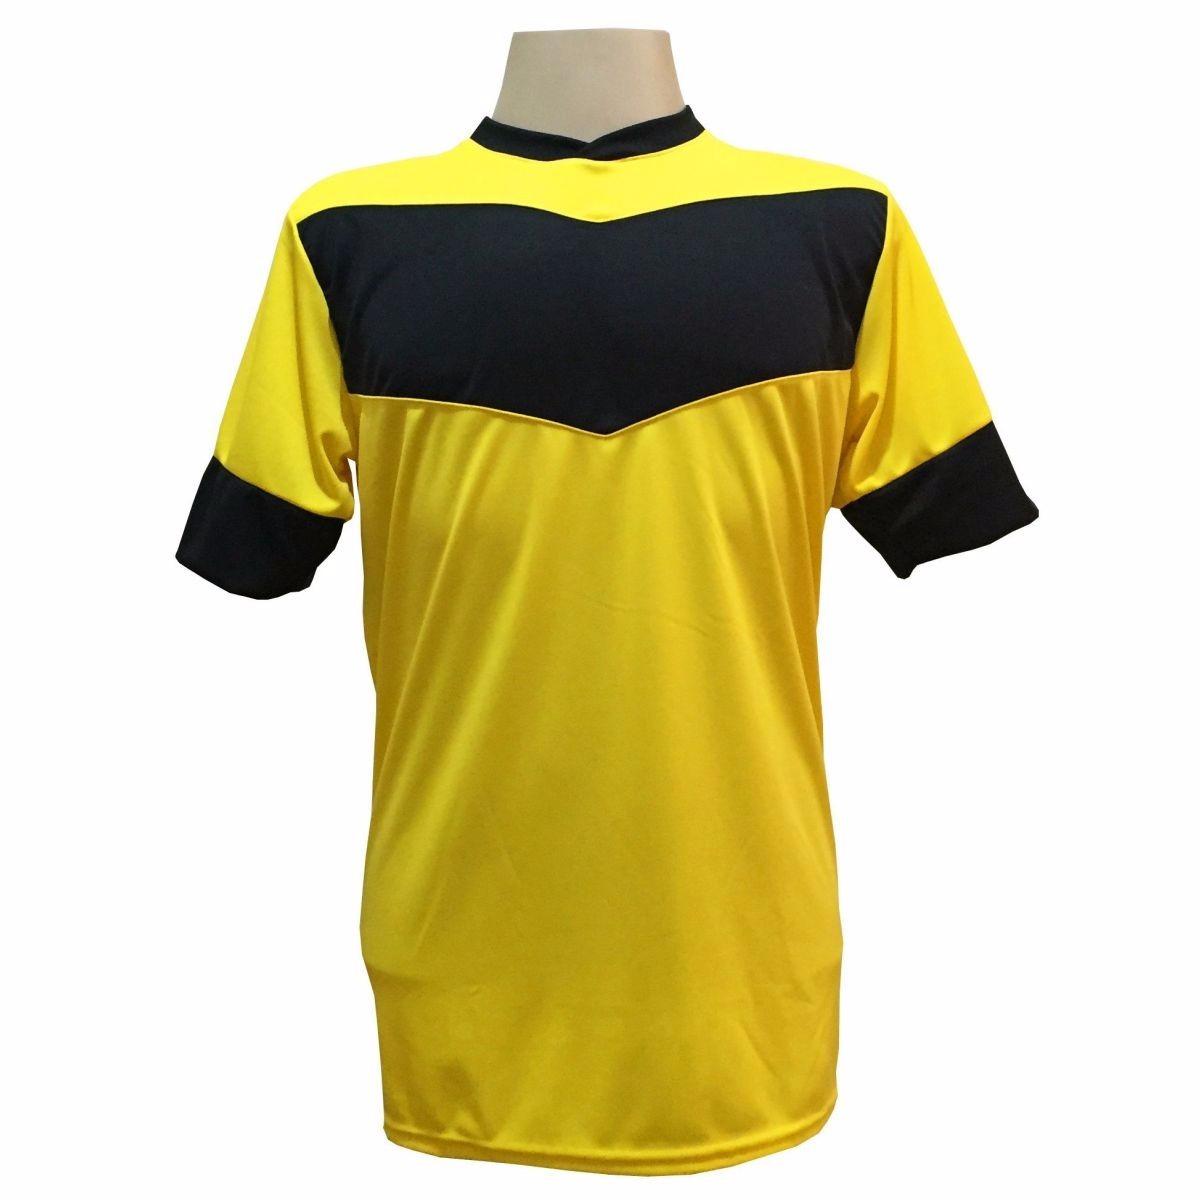 jogo de camisa com 18 unidades modelo columbus amarelo preto. Carregando  zoom. 68d37406d83cd